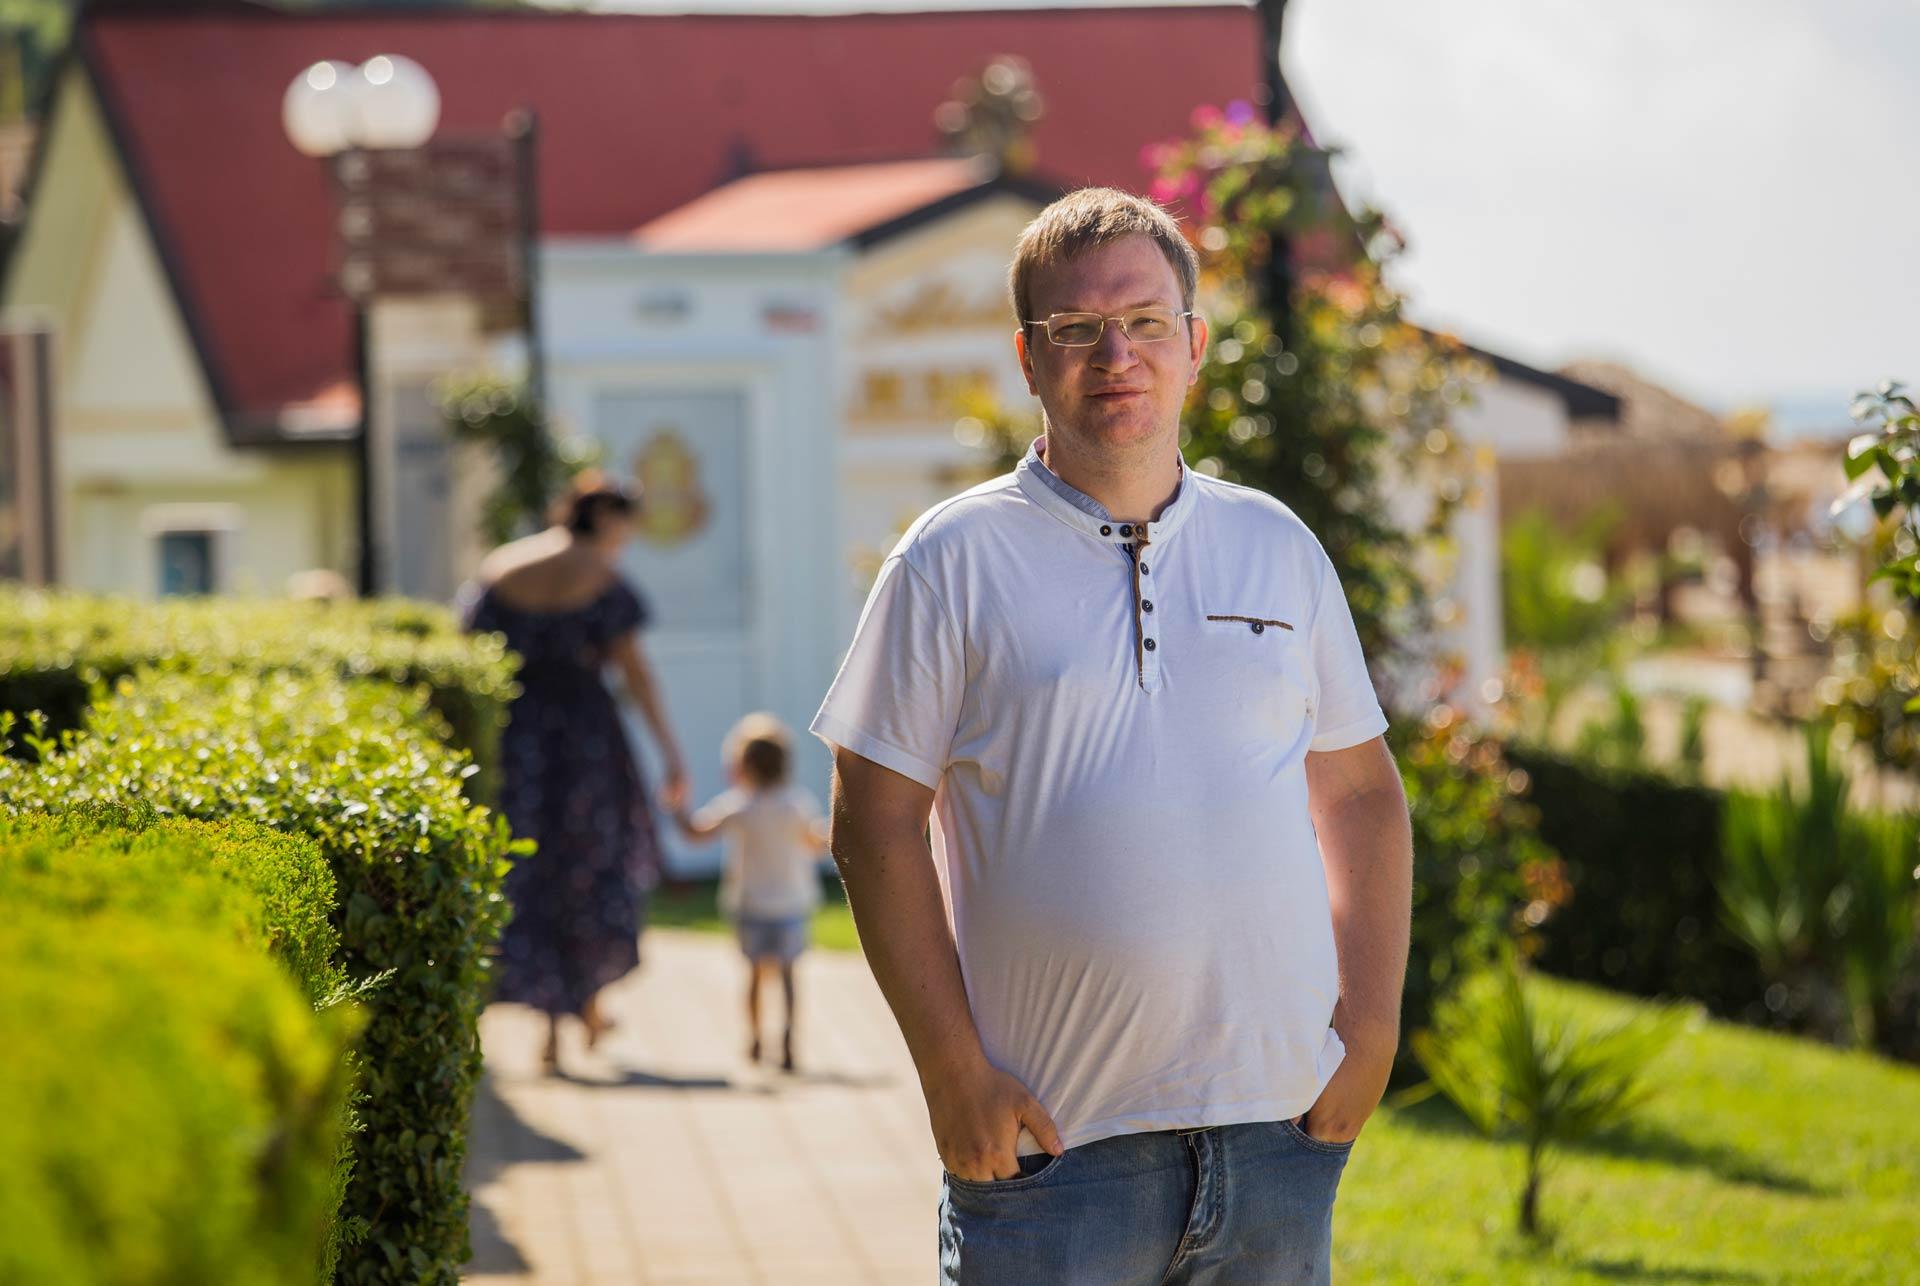 Илья Егоров - сооснователь сообщества «Кладовая Маркетолога» и руководитель Школы «Маркетинг Партизан»